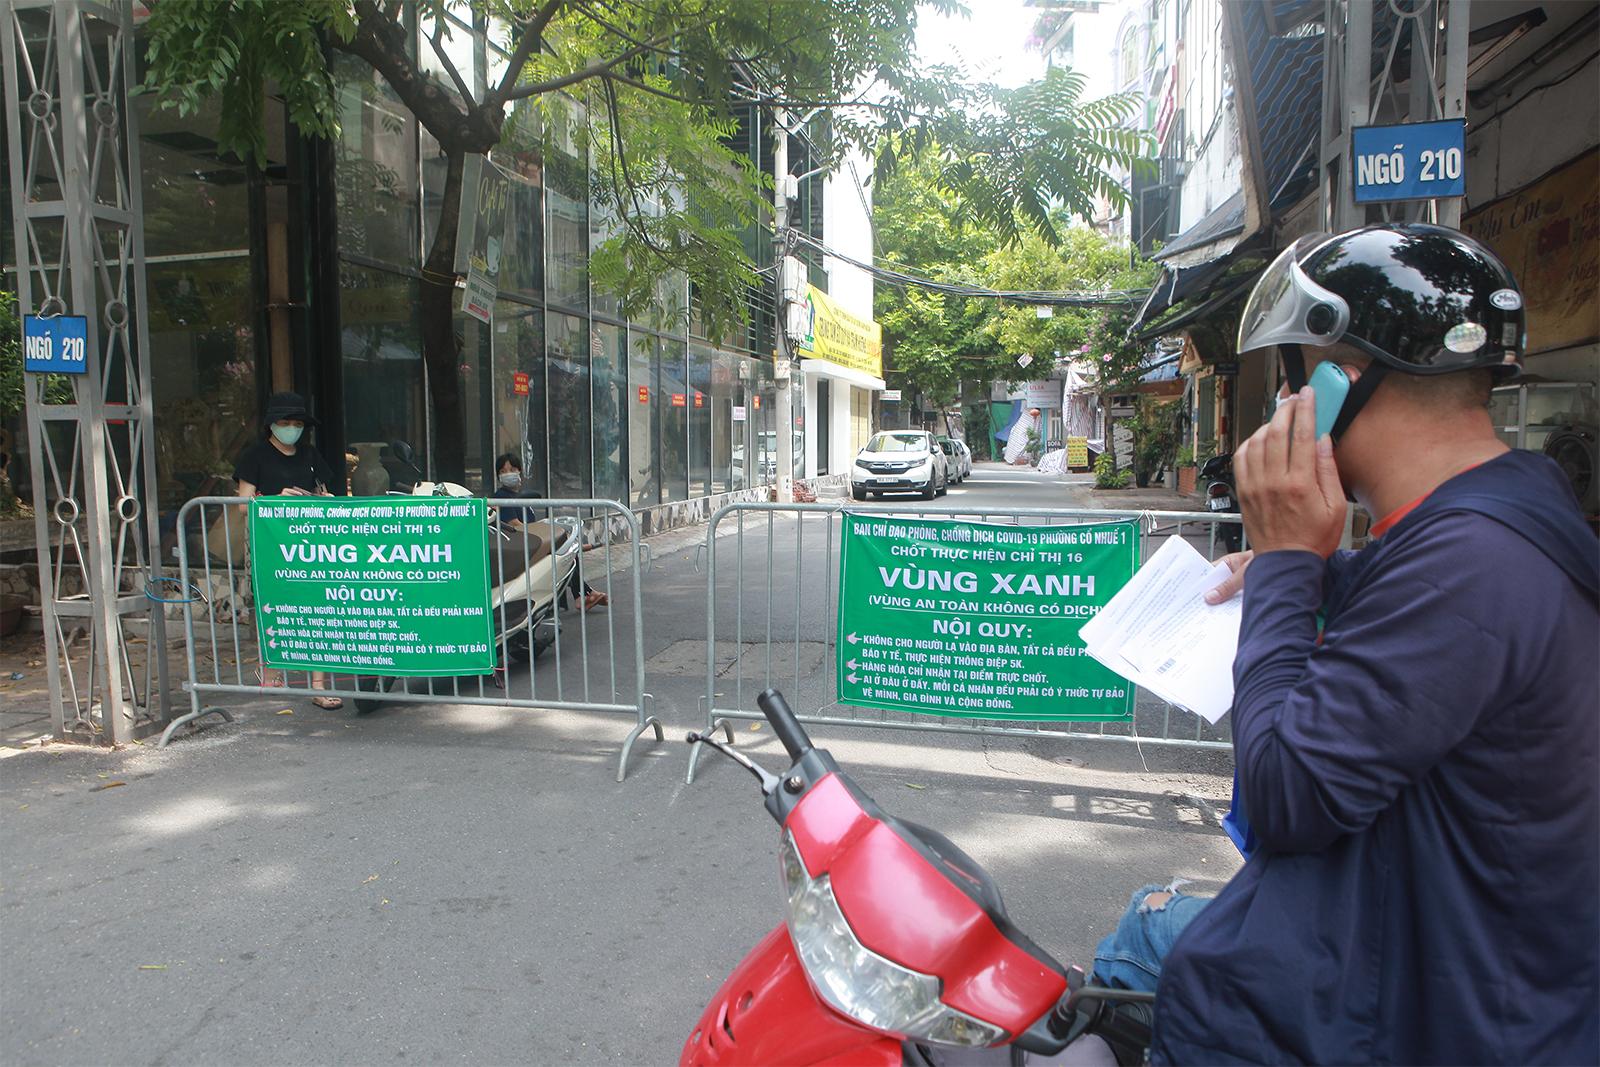 """Cận cảnh những chốt """"vùng xanh"""" do người dân tự quản ở Hà Nội - 14"""